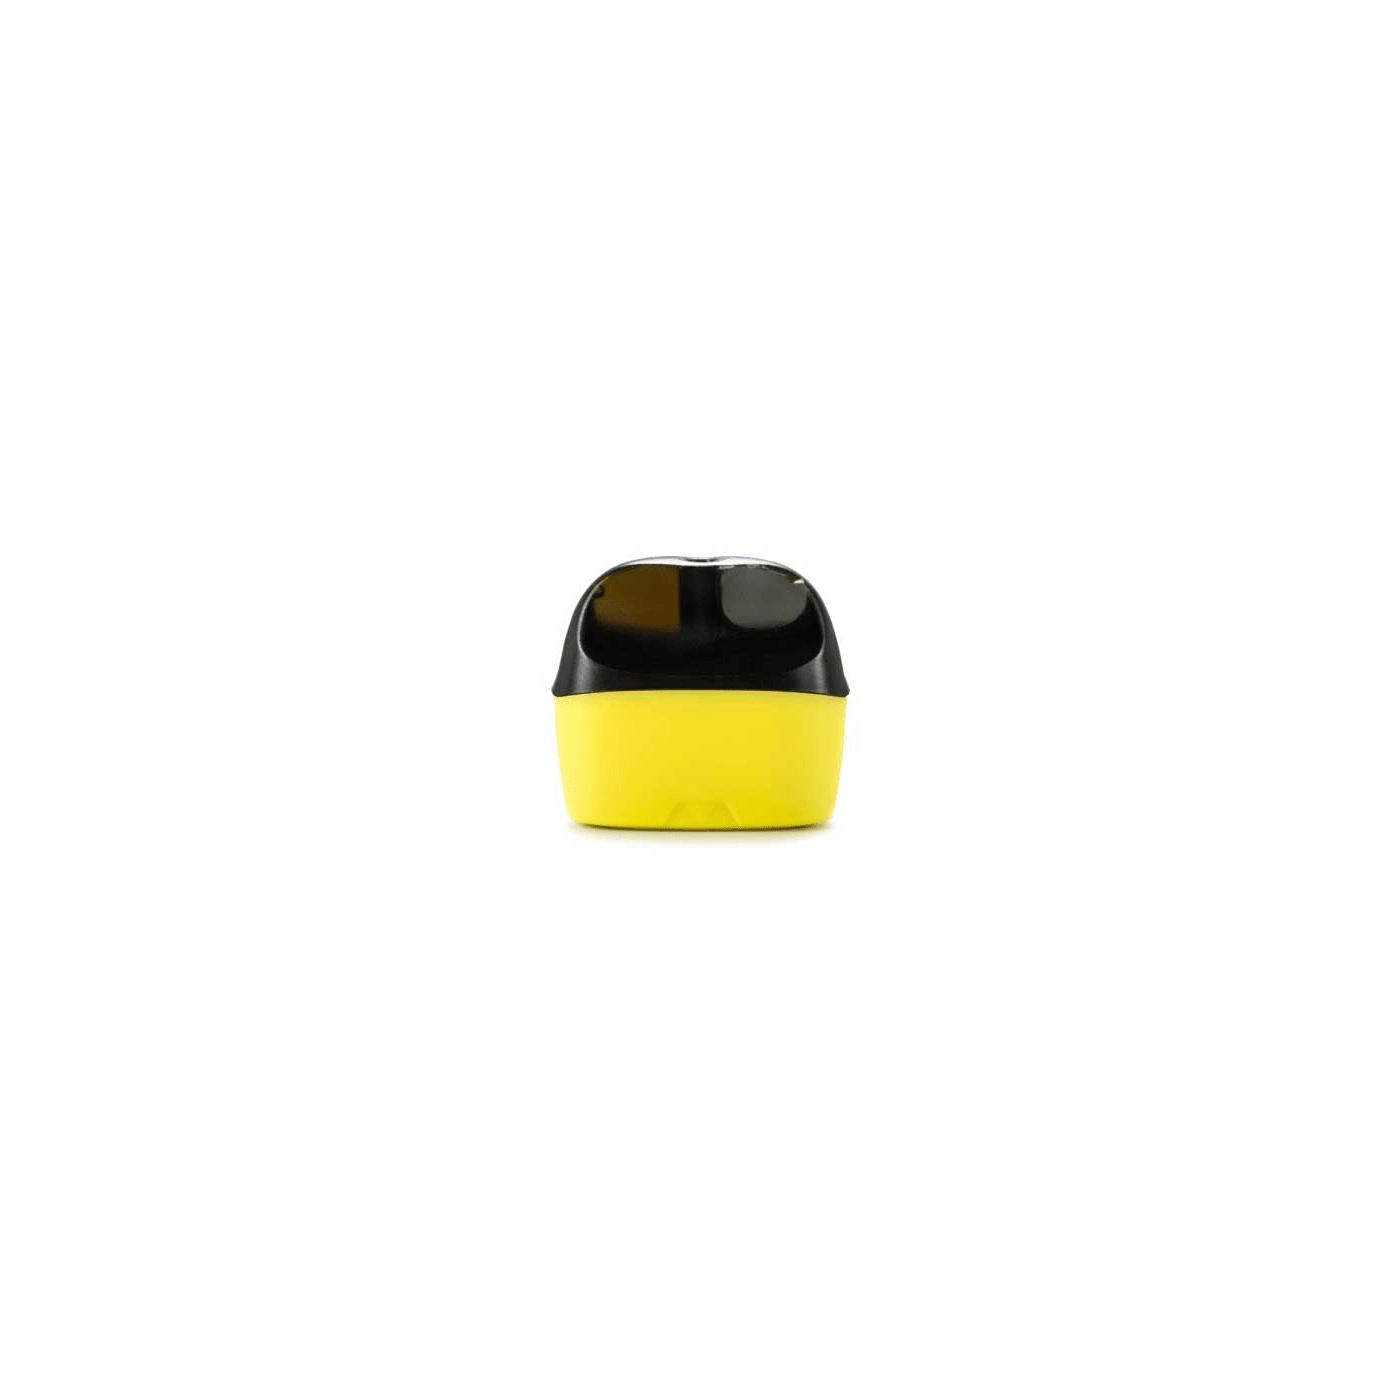 SMPO Pod Mango - 2 Pack